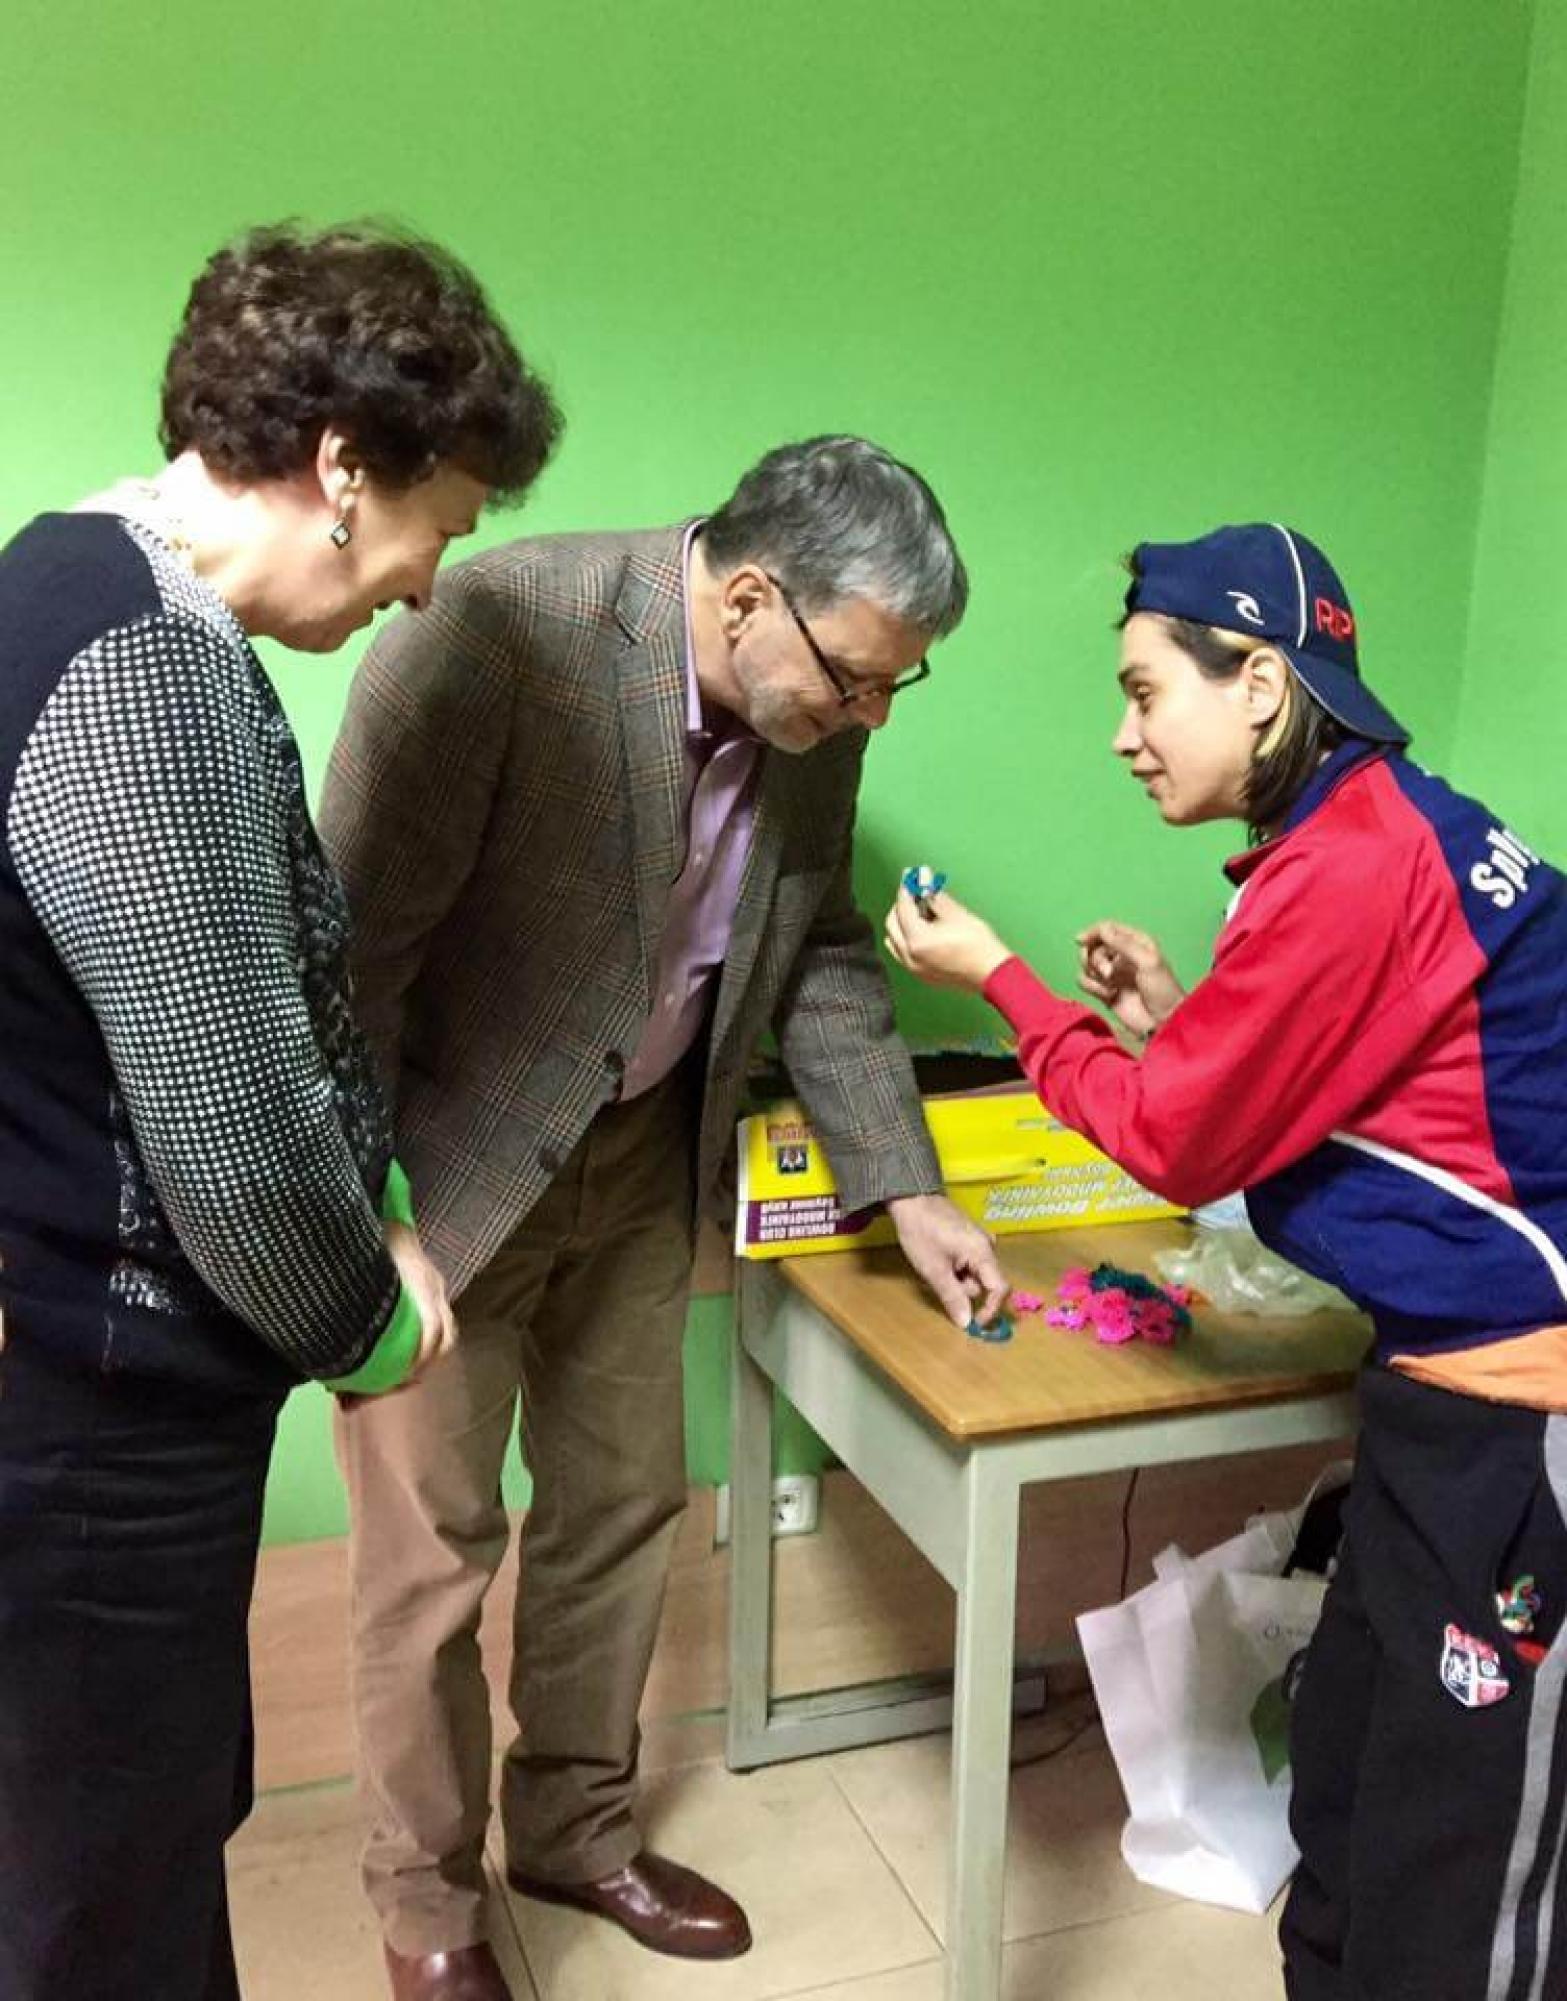 """Fundatia """"Pentru Voi"""" a primit Excelentei Sale, dl. Urs Herren, ambasador al Elvetiei in Romania si a sotiei sale, doamna Esther Megert Herren - 008"""